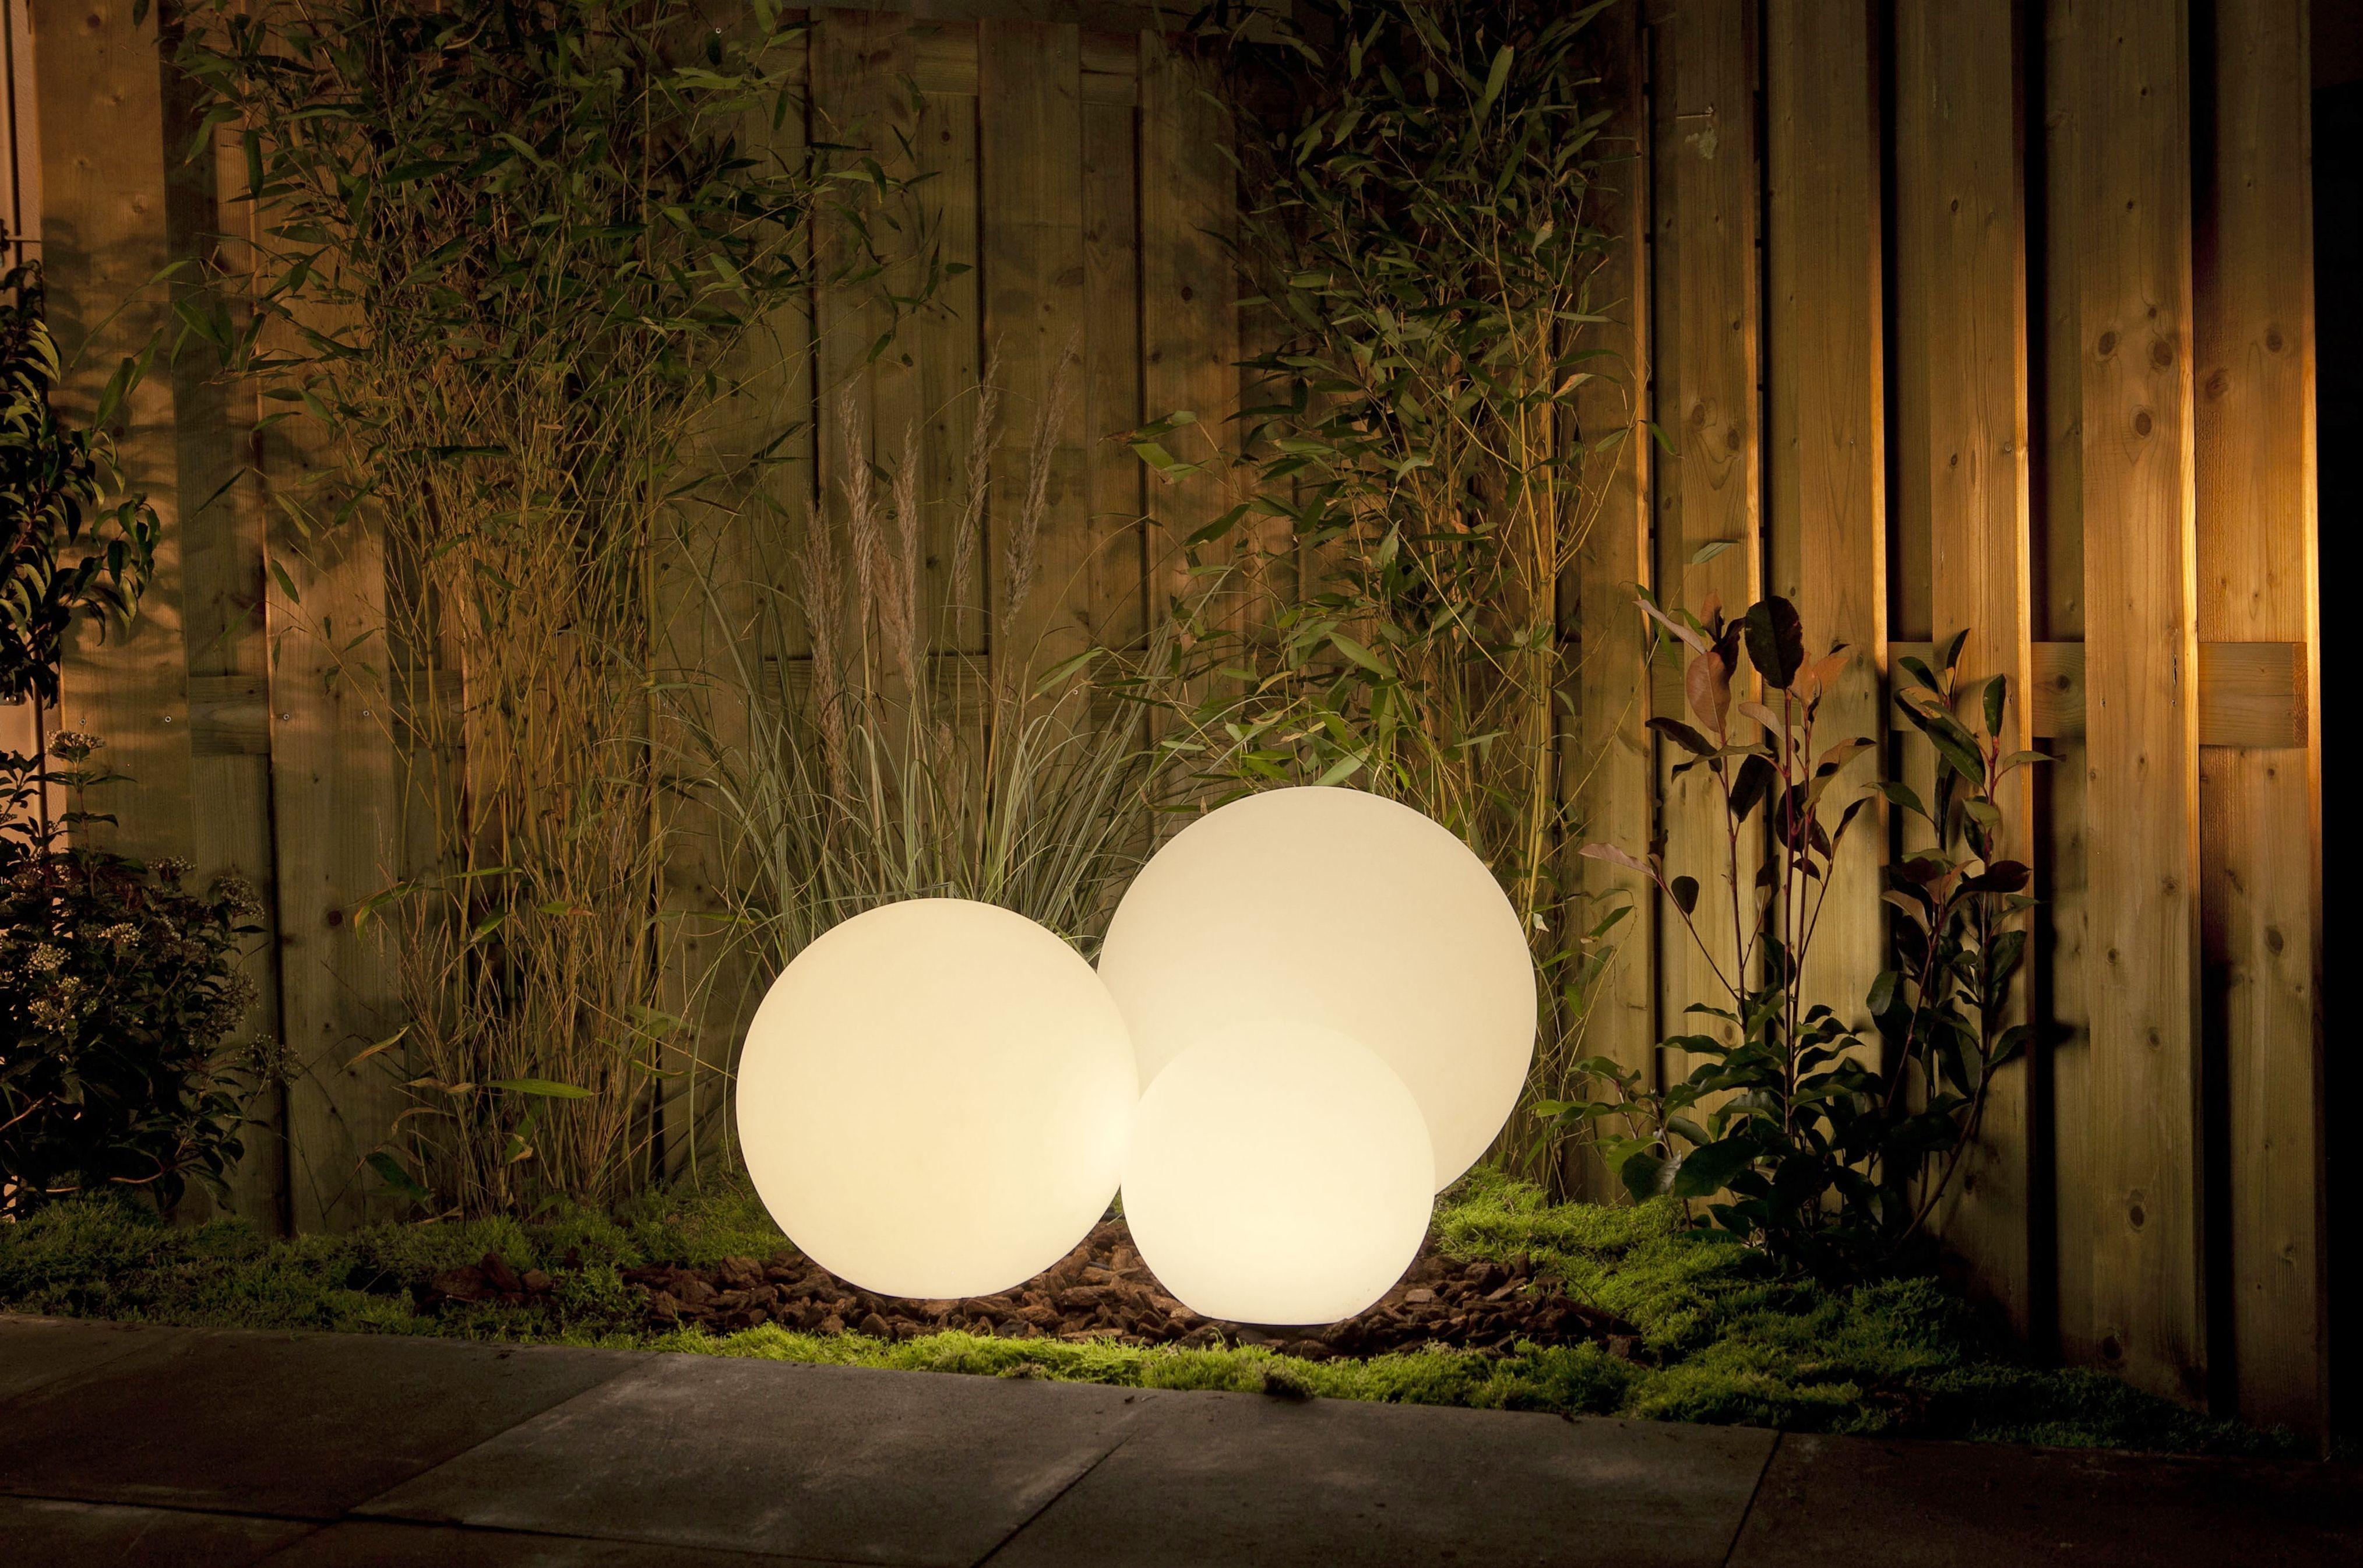 iluminacion jardines leds hasta grande ideal para jardc2adn o terraza outdoor lighting pinterest estilo para iluminacion jardines leds